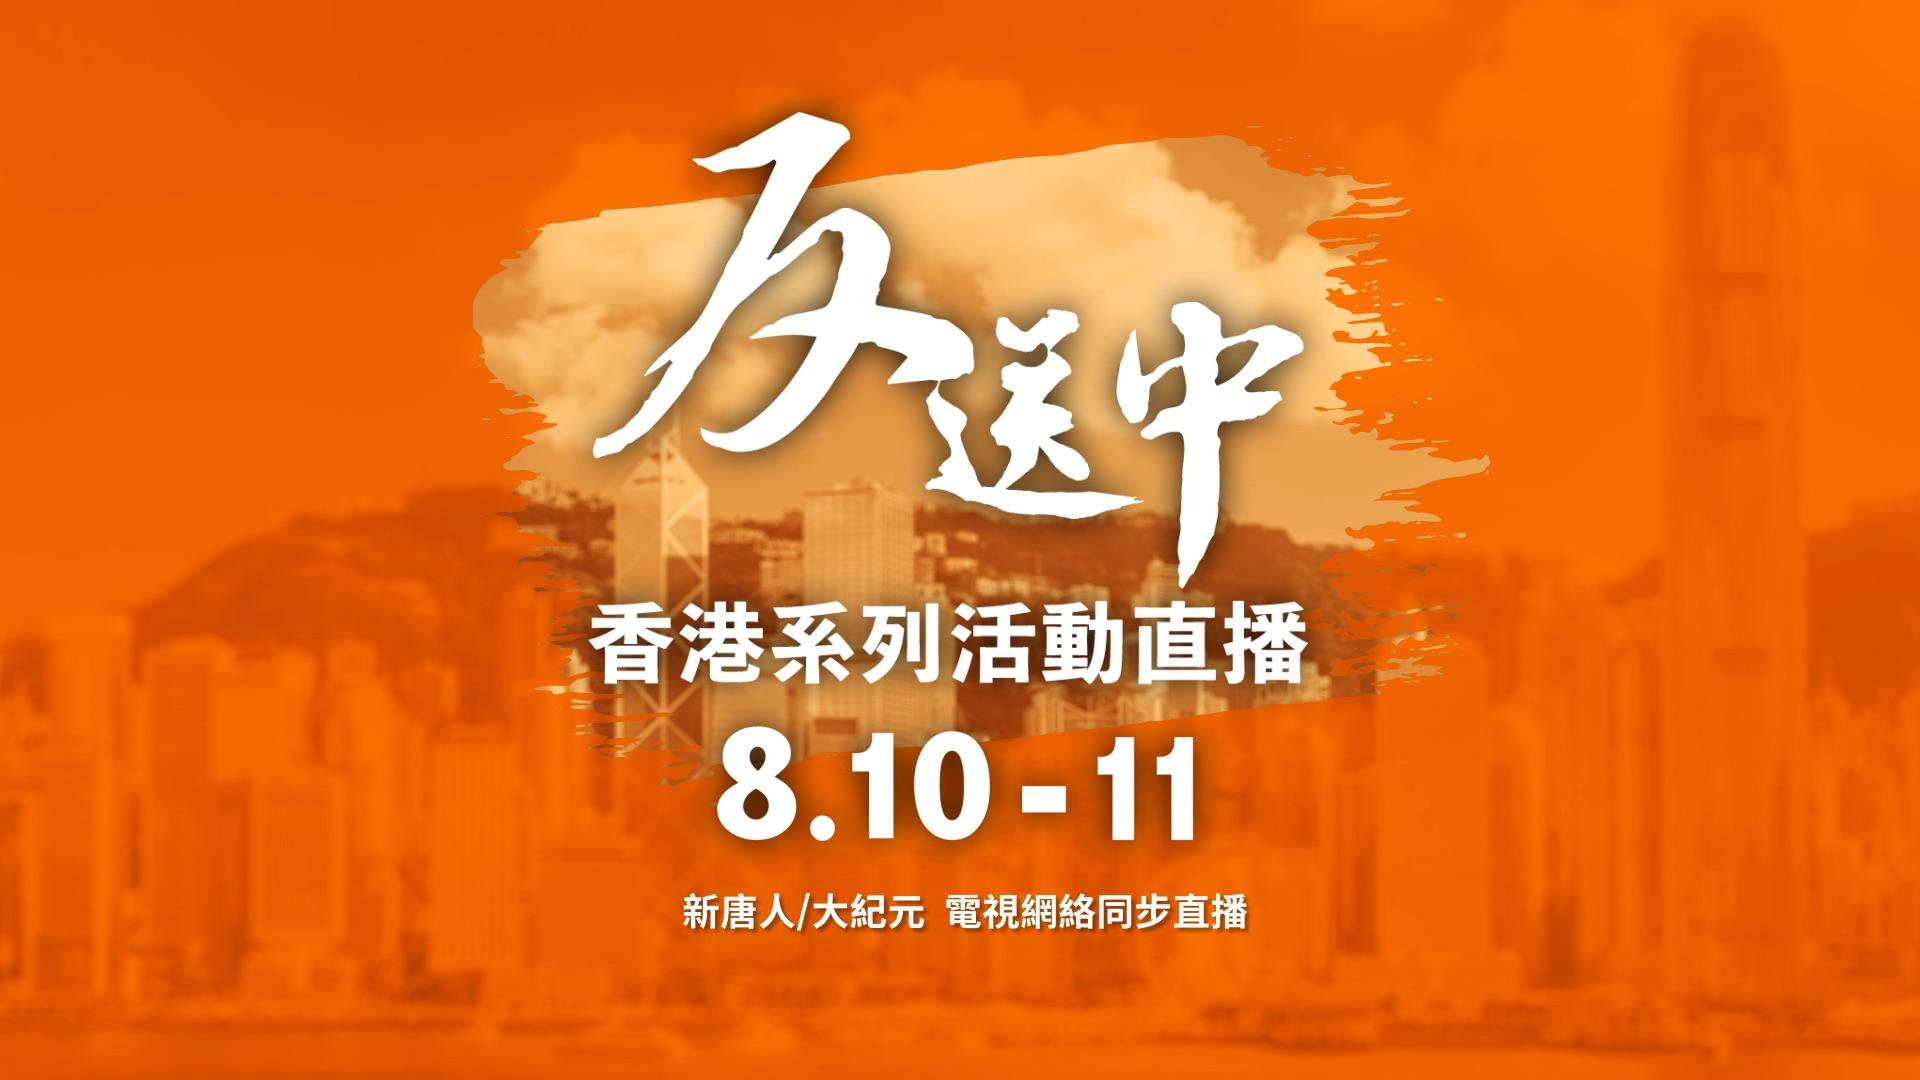 【反送中直播預告】香港8月10日至11日「反送中」活動